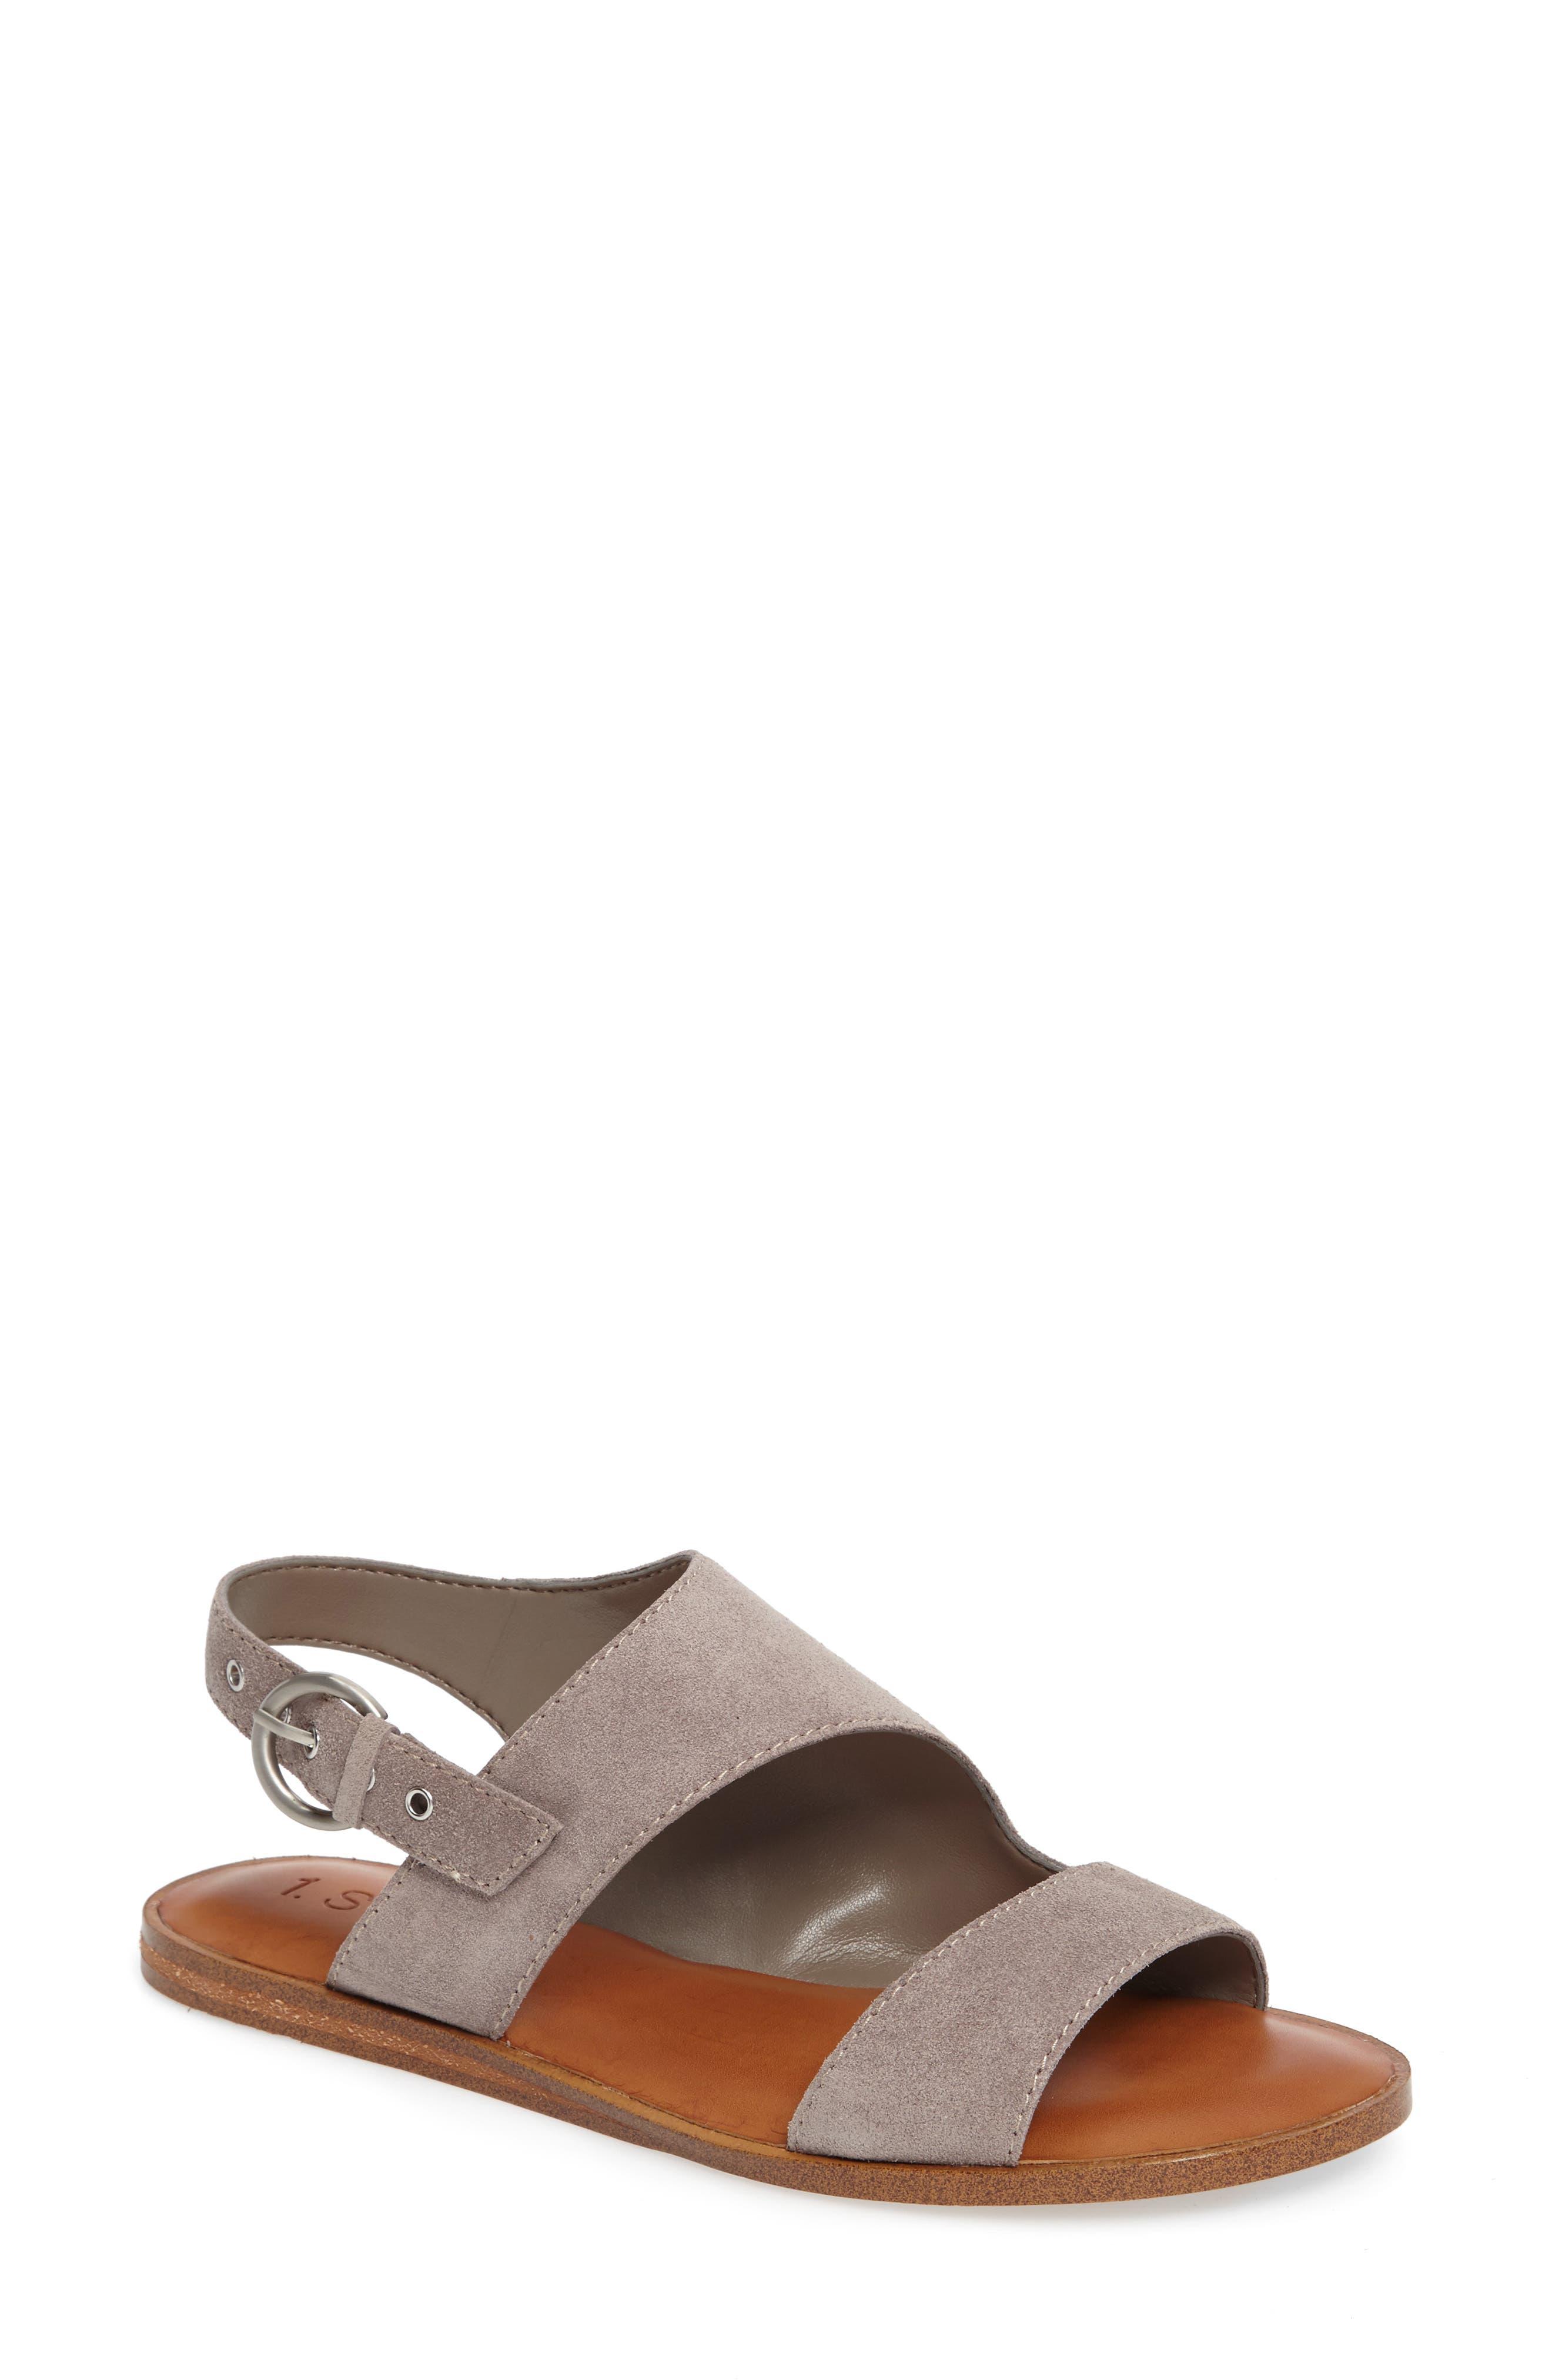 Calen Suede Sandals Ro1oVXL